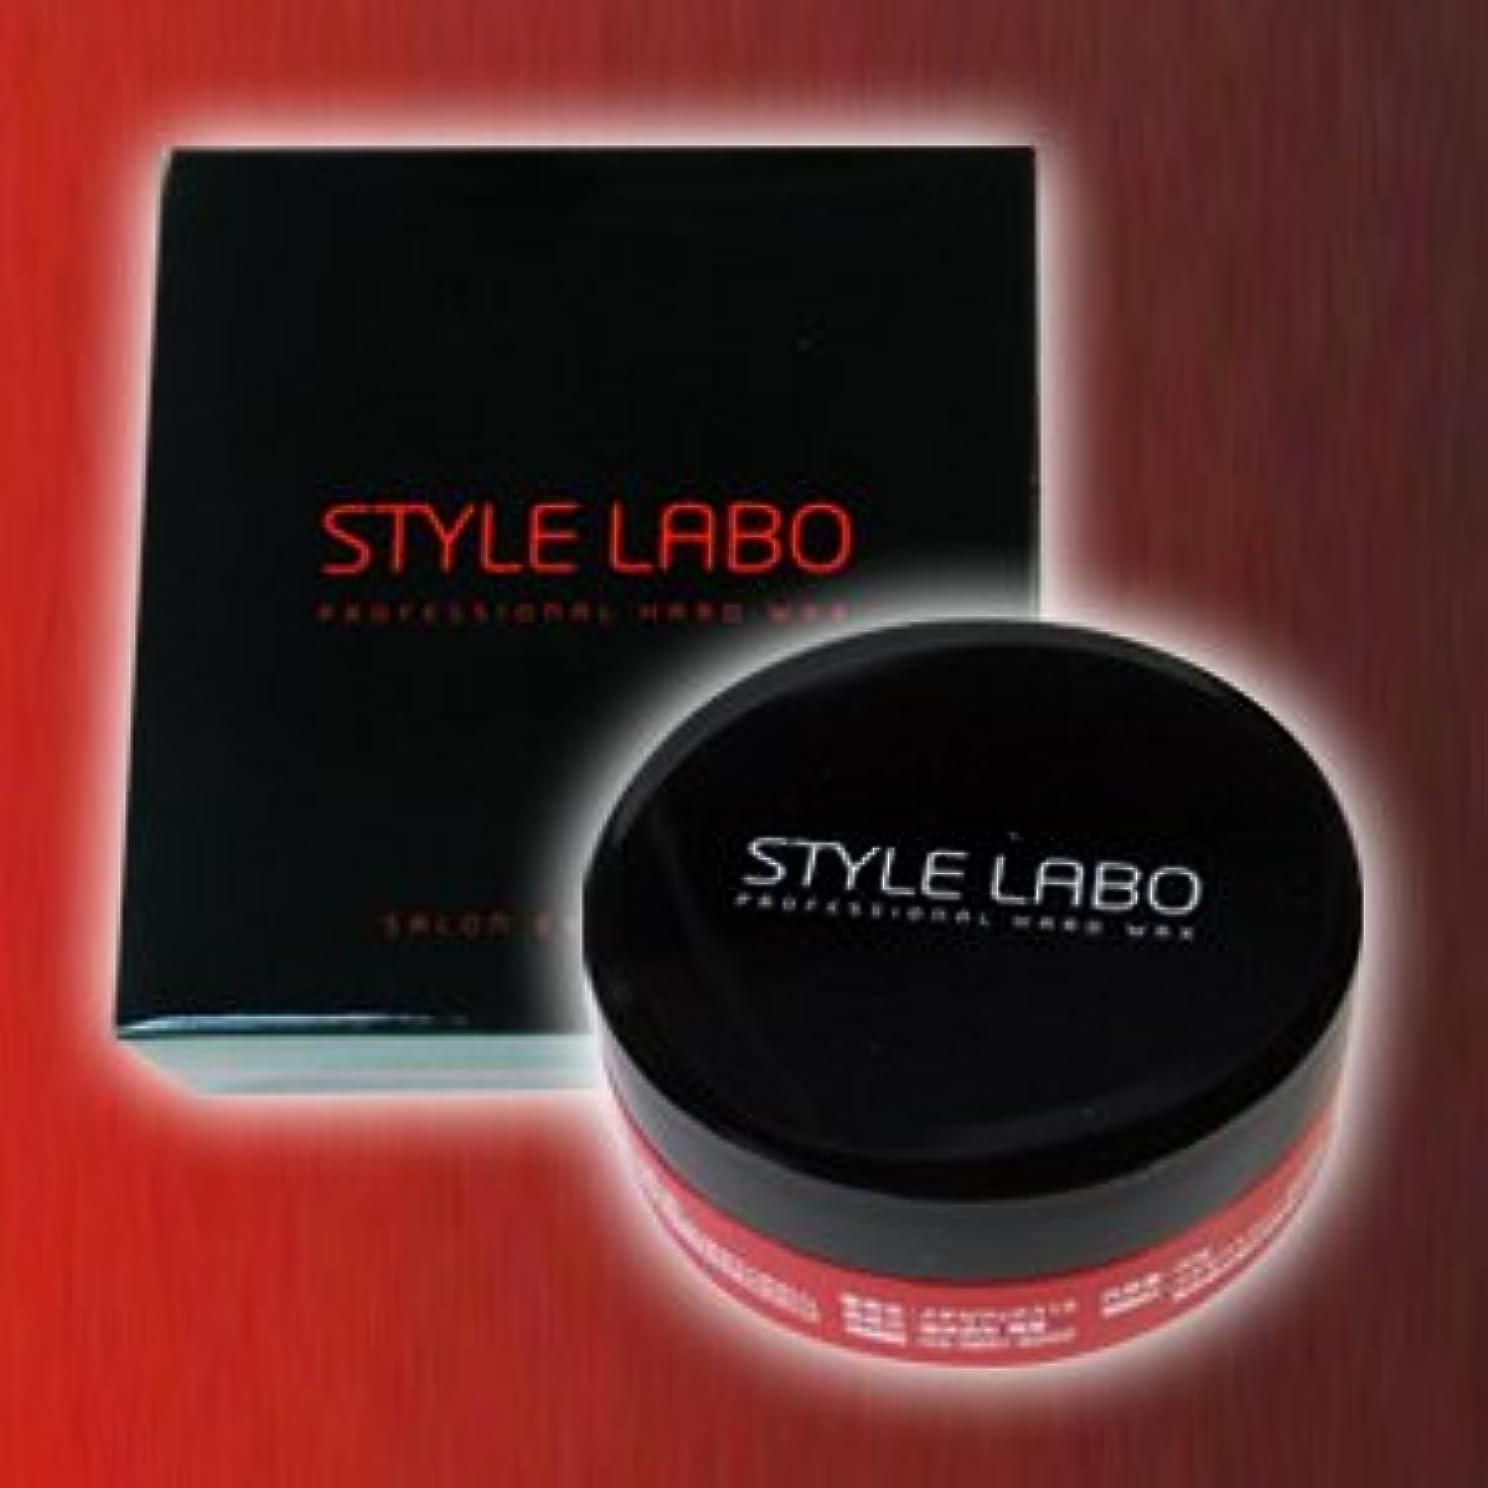 崩壊化学薬品ブルーベルSTYLE LABO スタイルラボ ハードワックス 30g <化粧箱付>